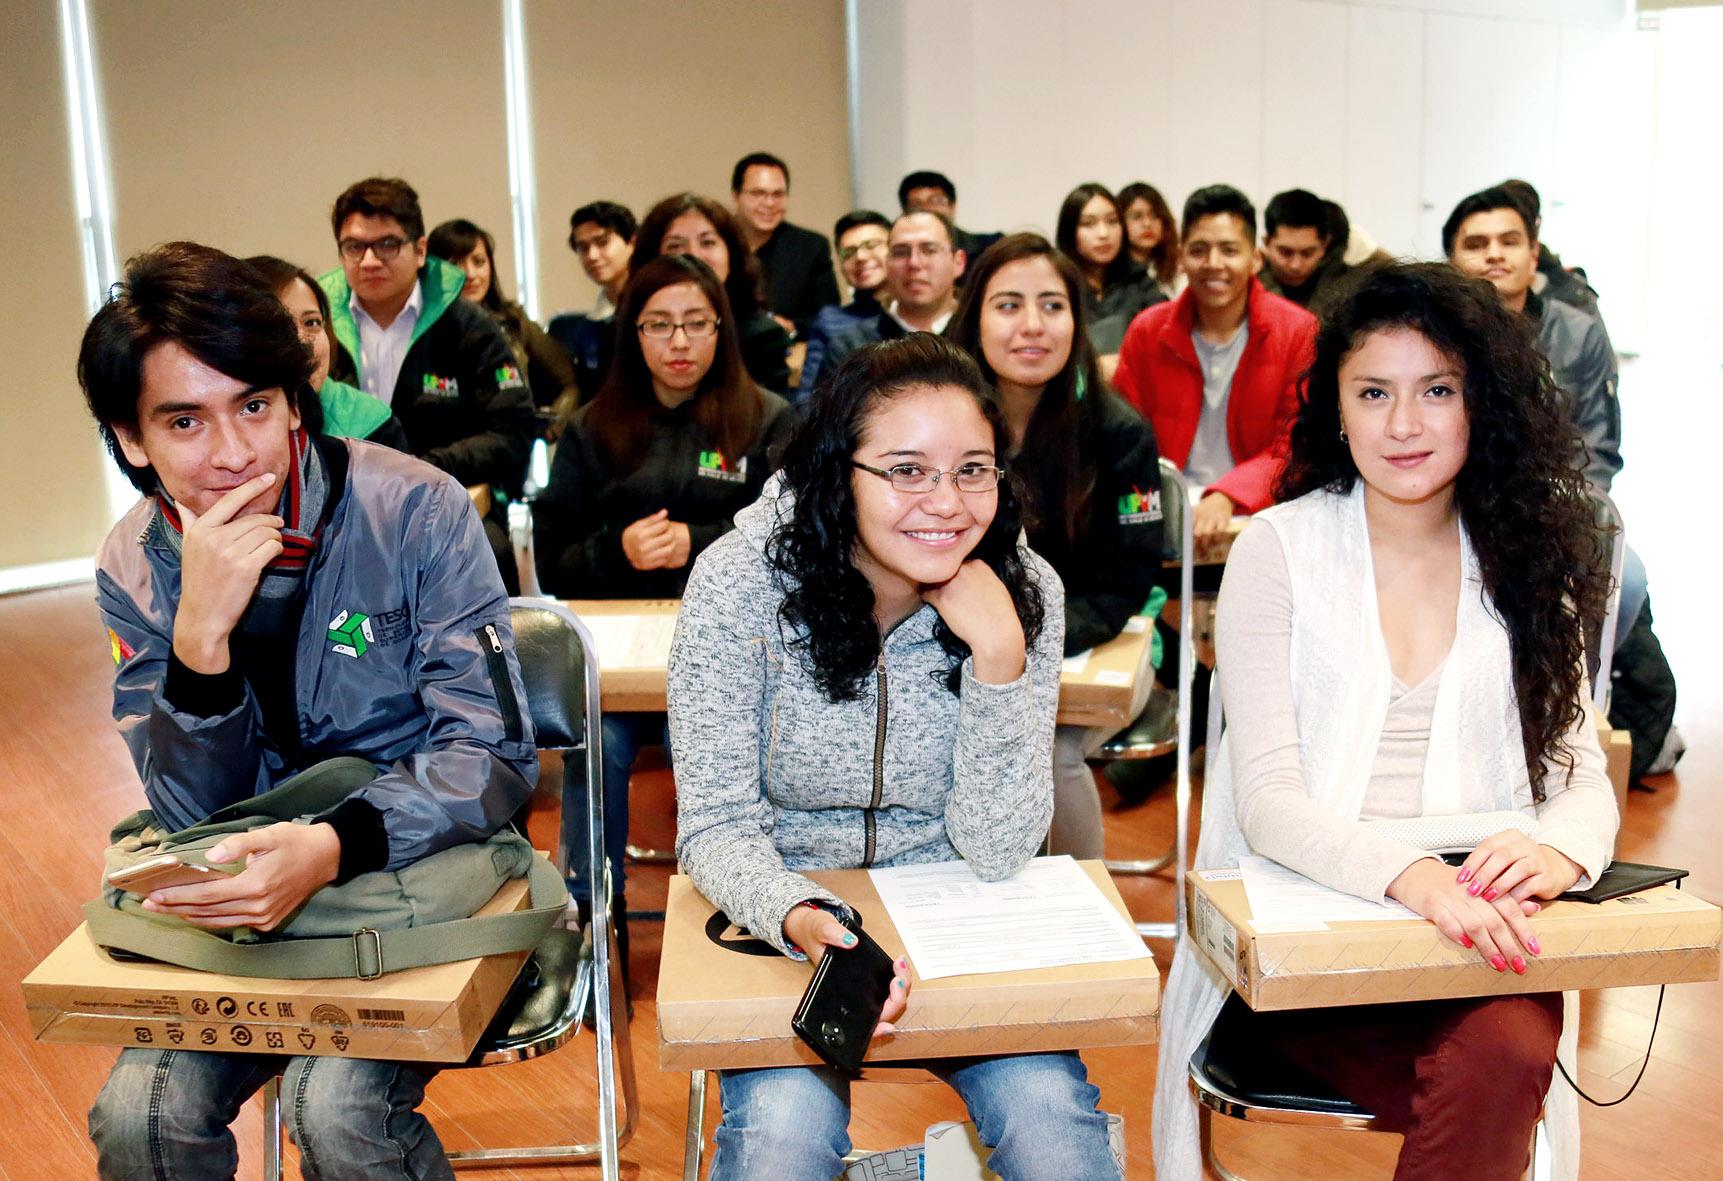 Comienza tu registro para la beca de Educación Superior EDOMEX 2020